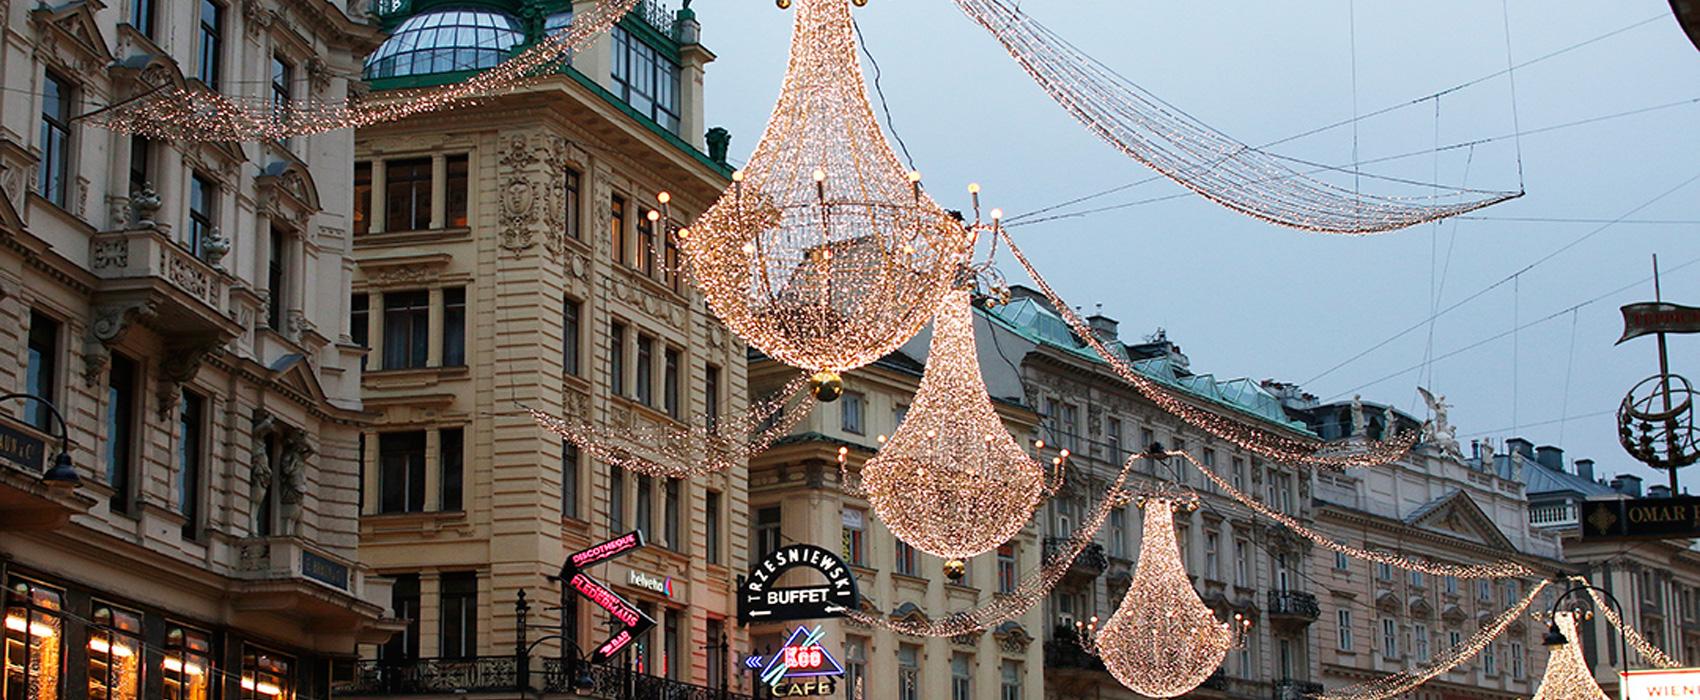 evropski gradovi doček nove godine